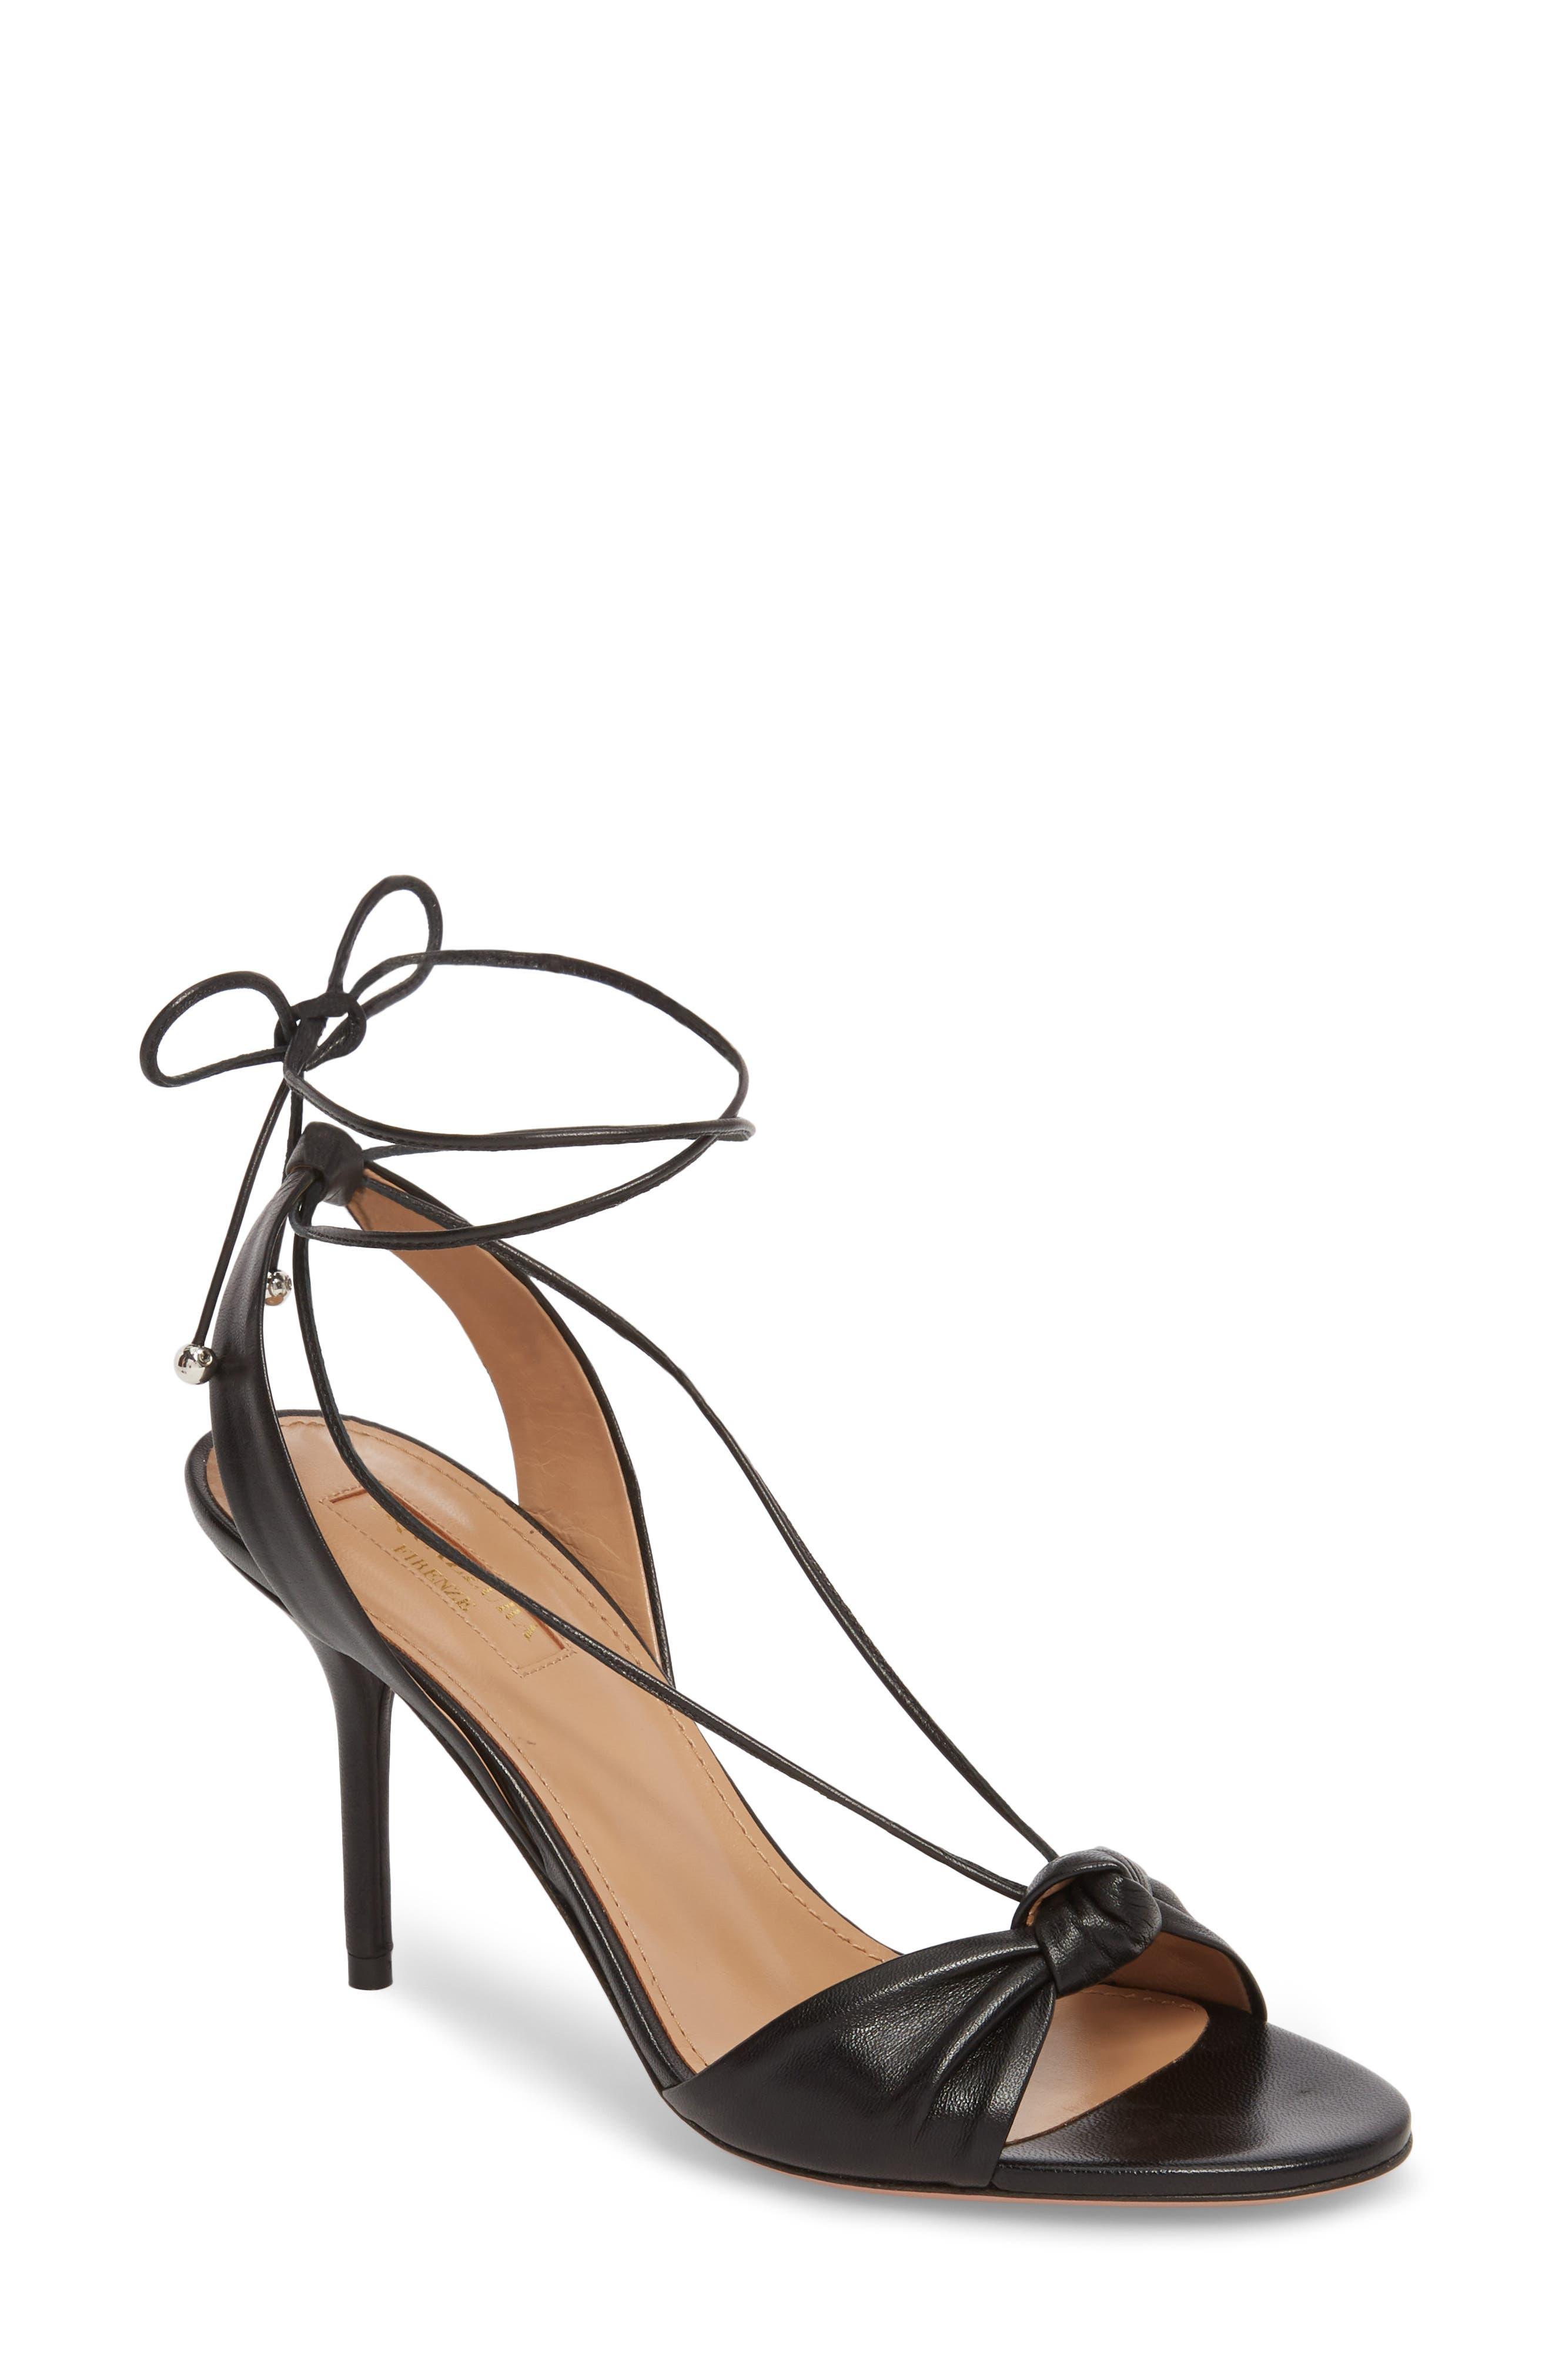 Virginie Lace-Up Sandal,                         Main,                         color, BLACK